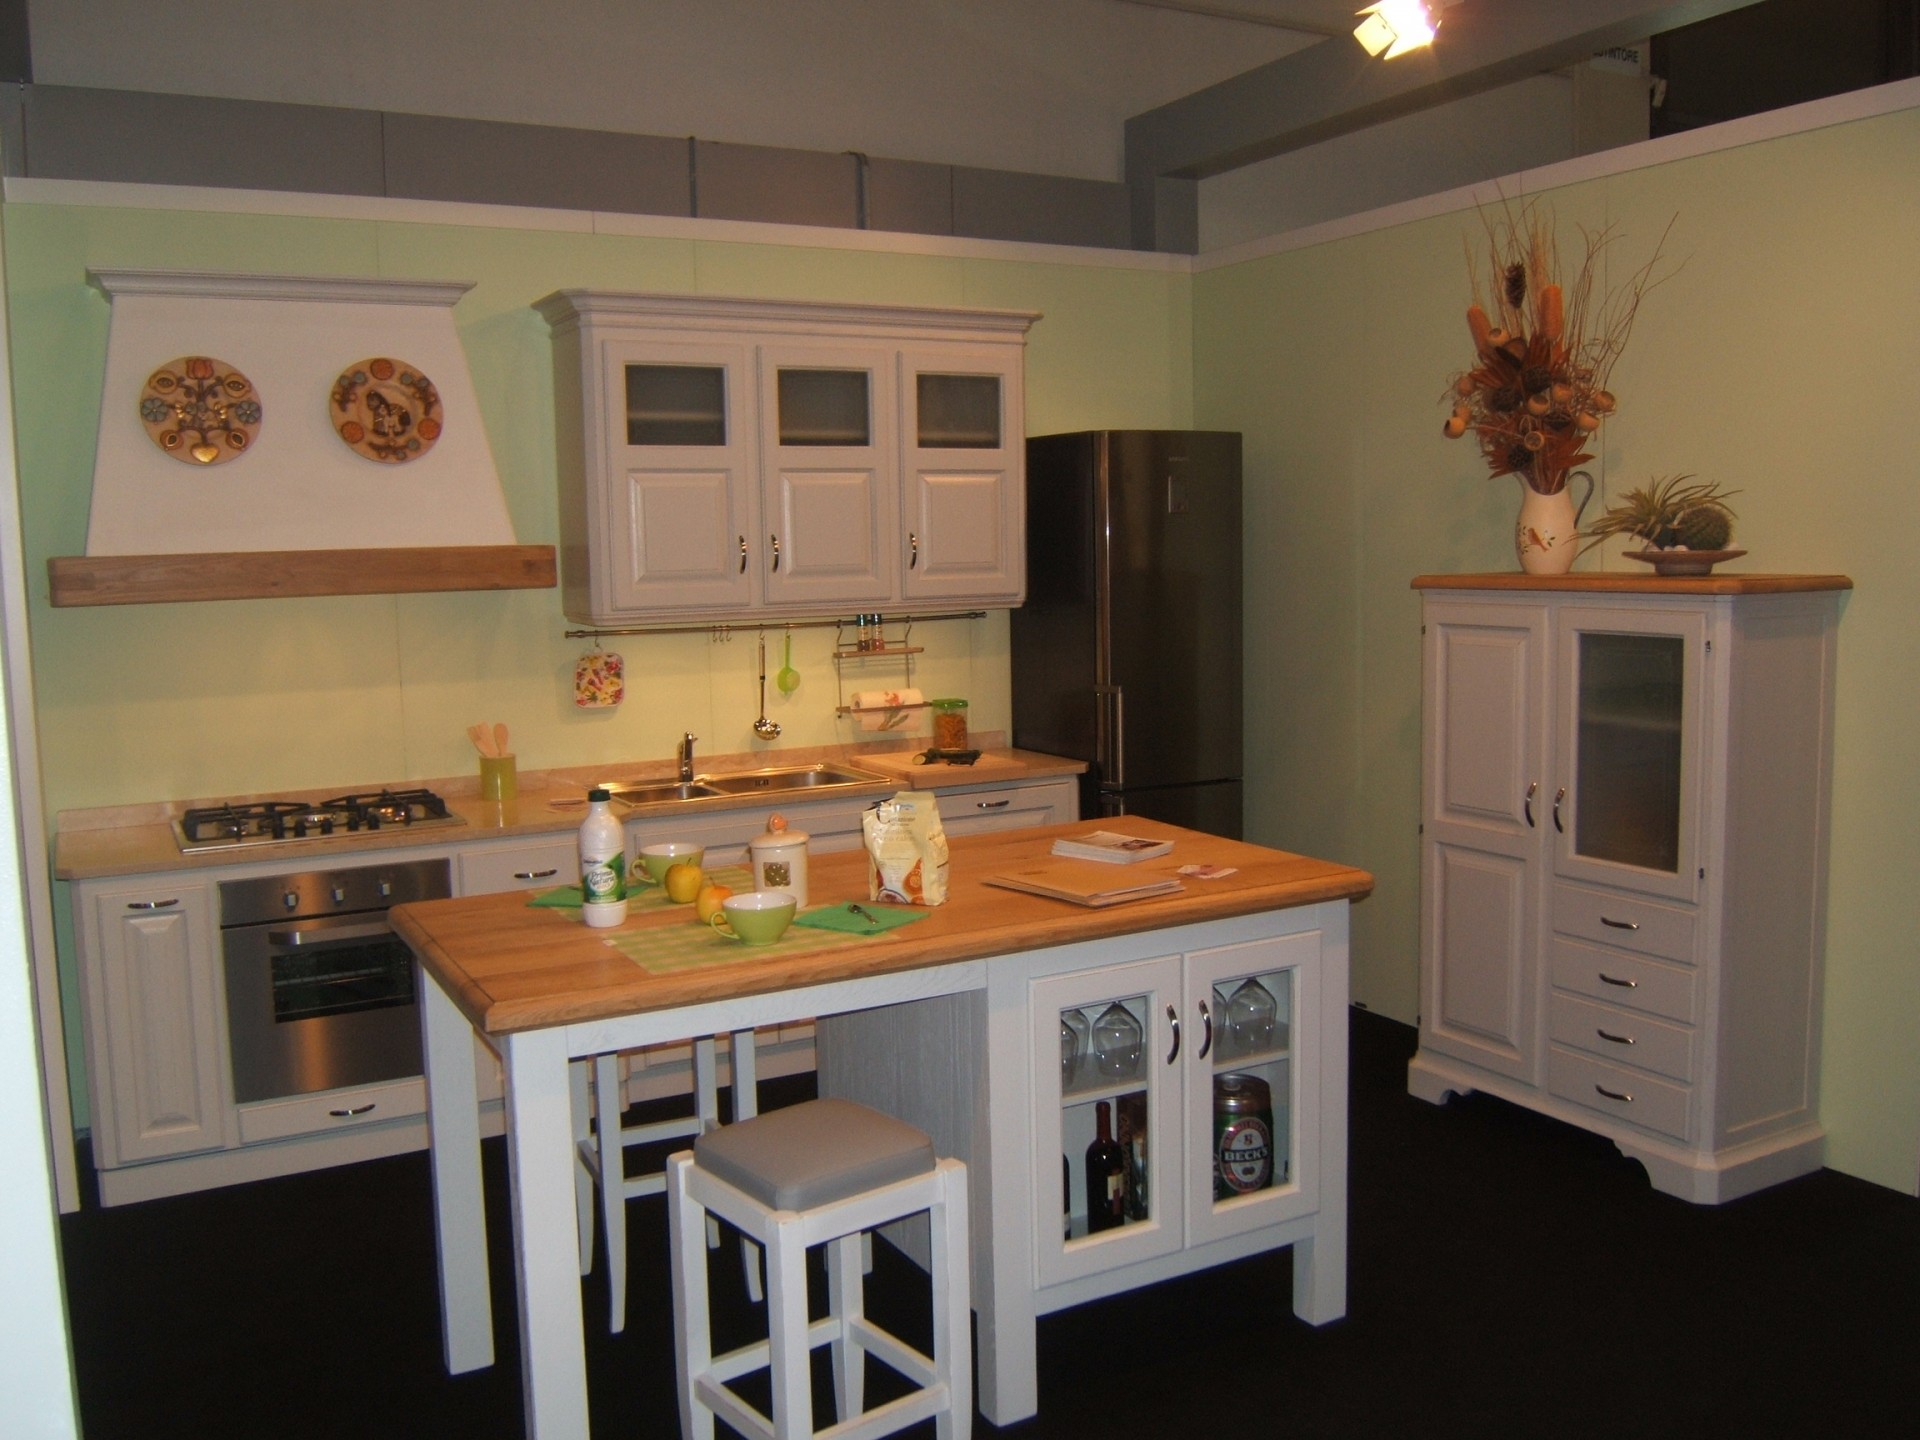 banconi e isole per cucina fadini mobili cerea verona